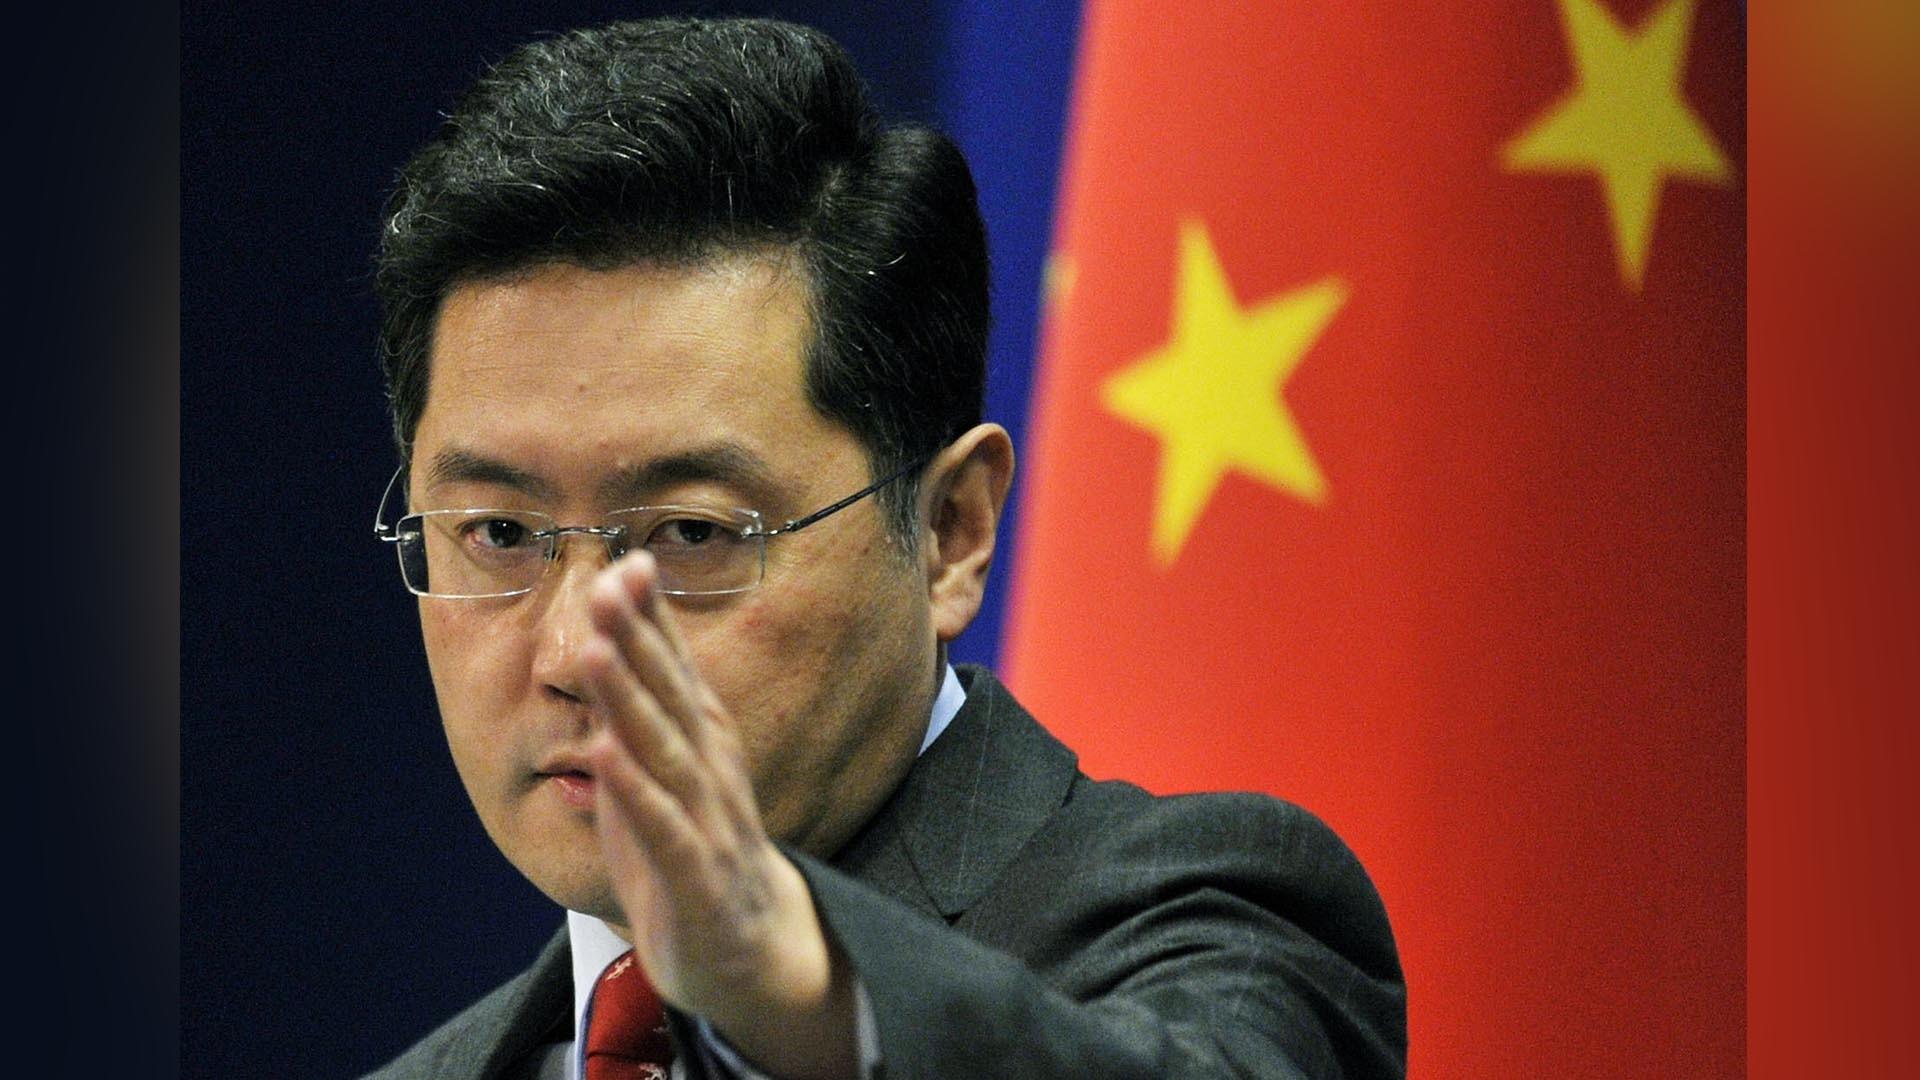 Đại sứ Trung Quốc tại Mỹ Tần Cương khi còn là Người phát ngôn Bộ Ngoại giao Trung Quốc. (Nguồn: CGTN)